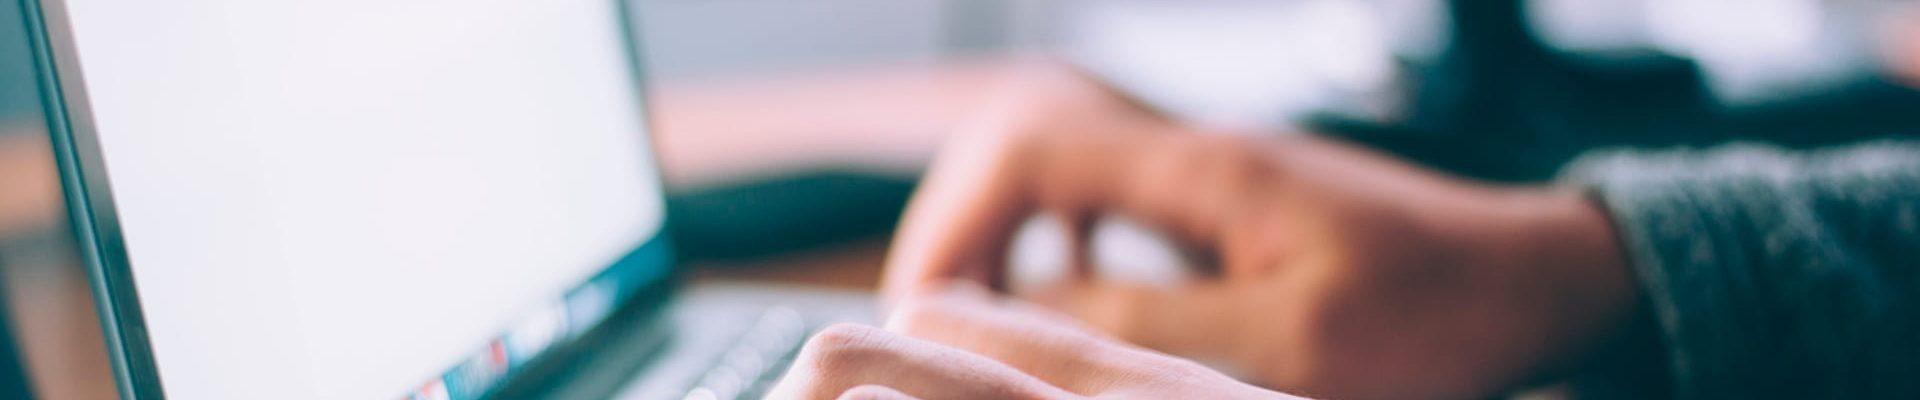 Cabecera del blog de CIM Formación, en la que aparece de fondo una persona tecleando en un ordenador portátil